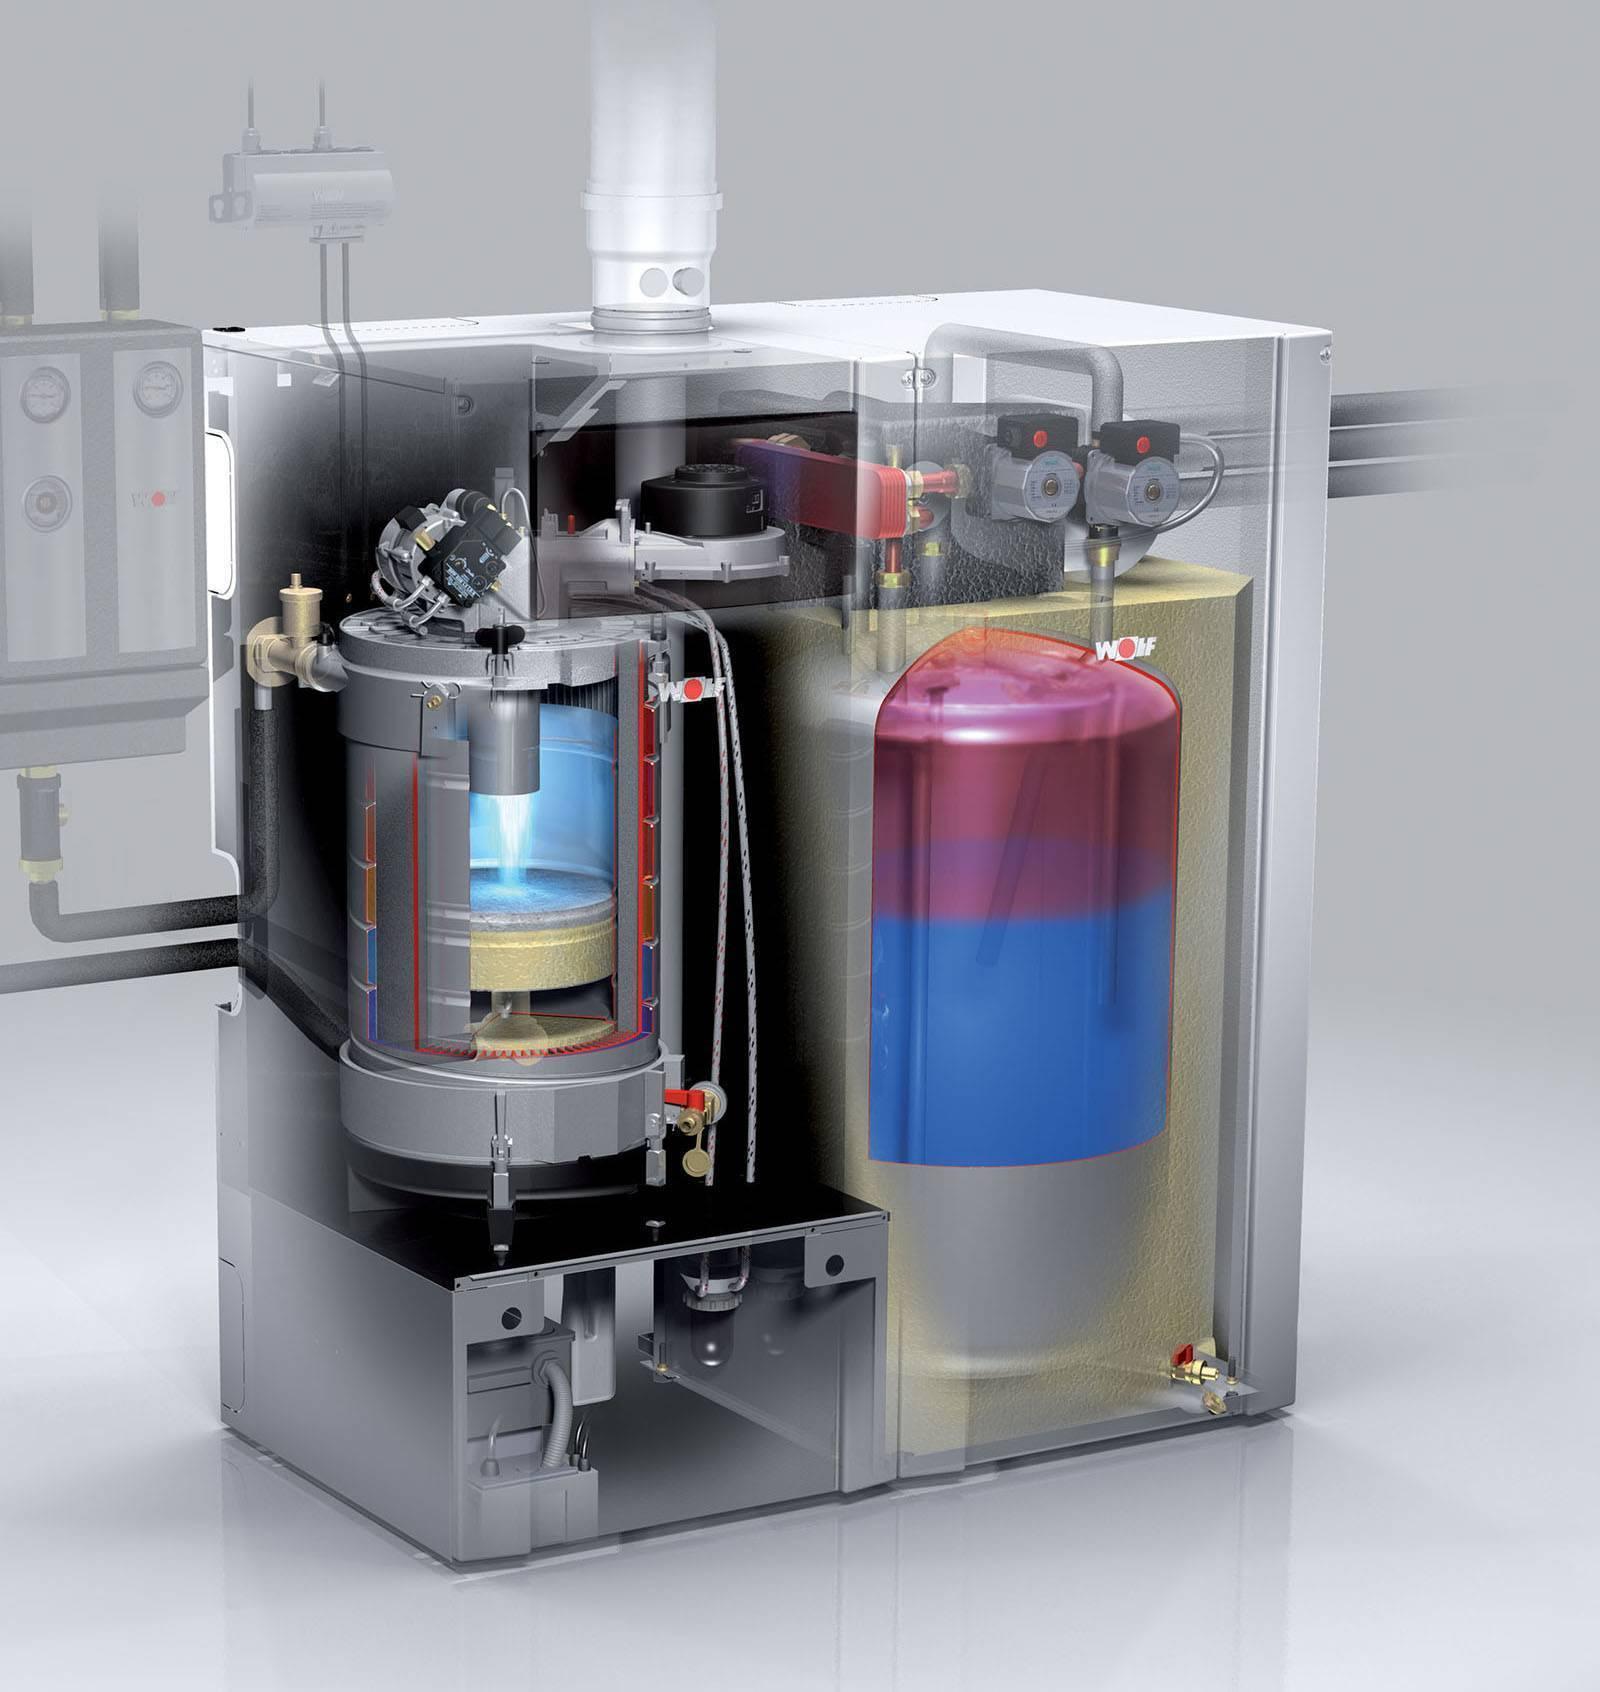 Котлы отопления на жидком топливе: ликбез по устройству агрегатов + обзор популярных моделей